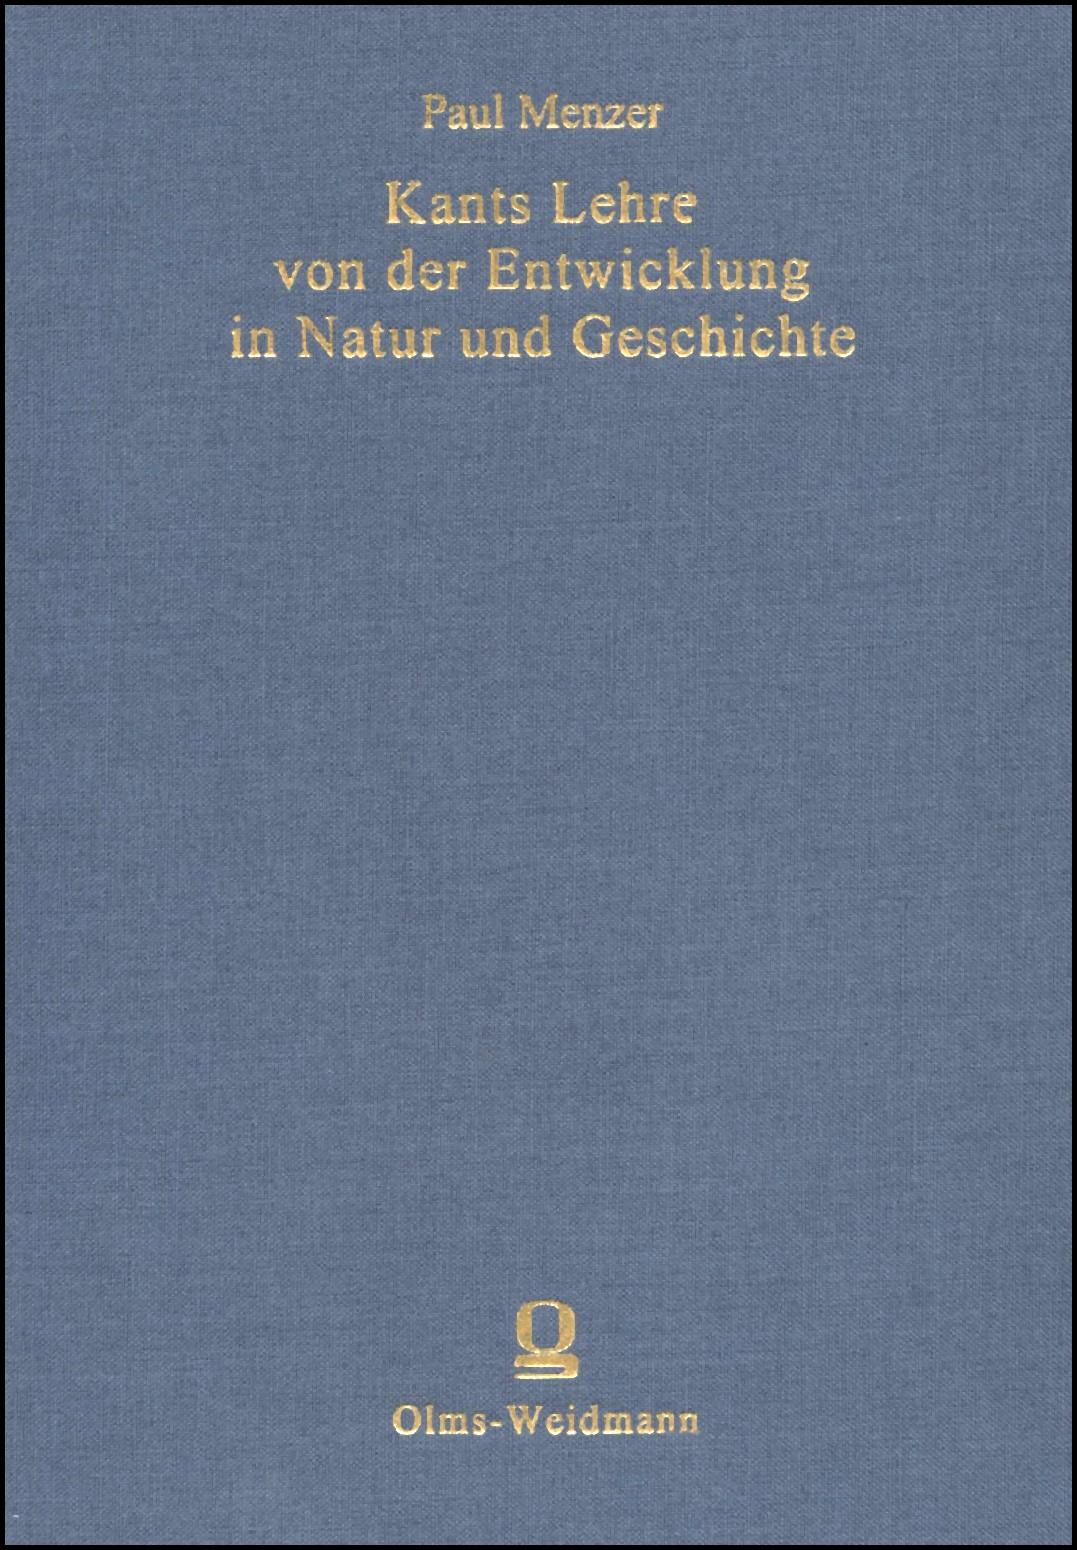 Abbildung von Menzer | Kants Lehre von der Entwicklung in Natur und Geschichte | Berlin 1911  Reprint: Hildesheim 2006 | 2006